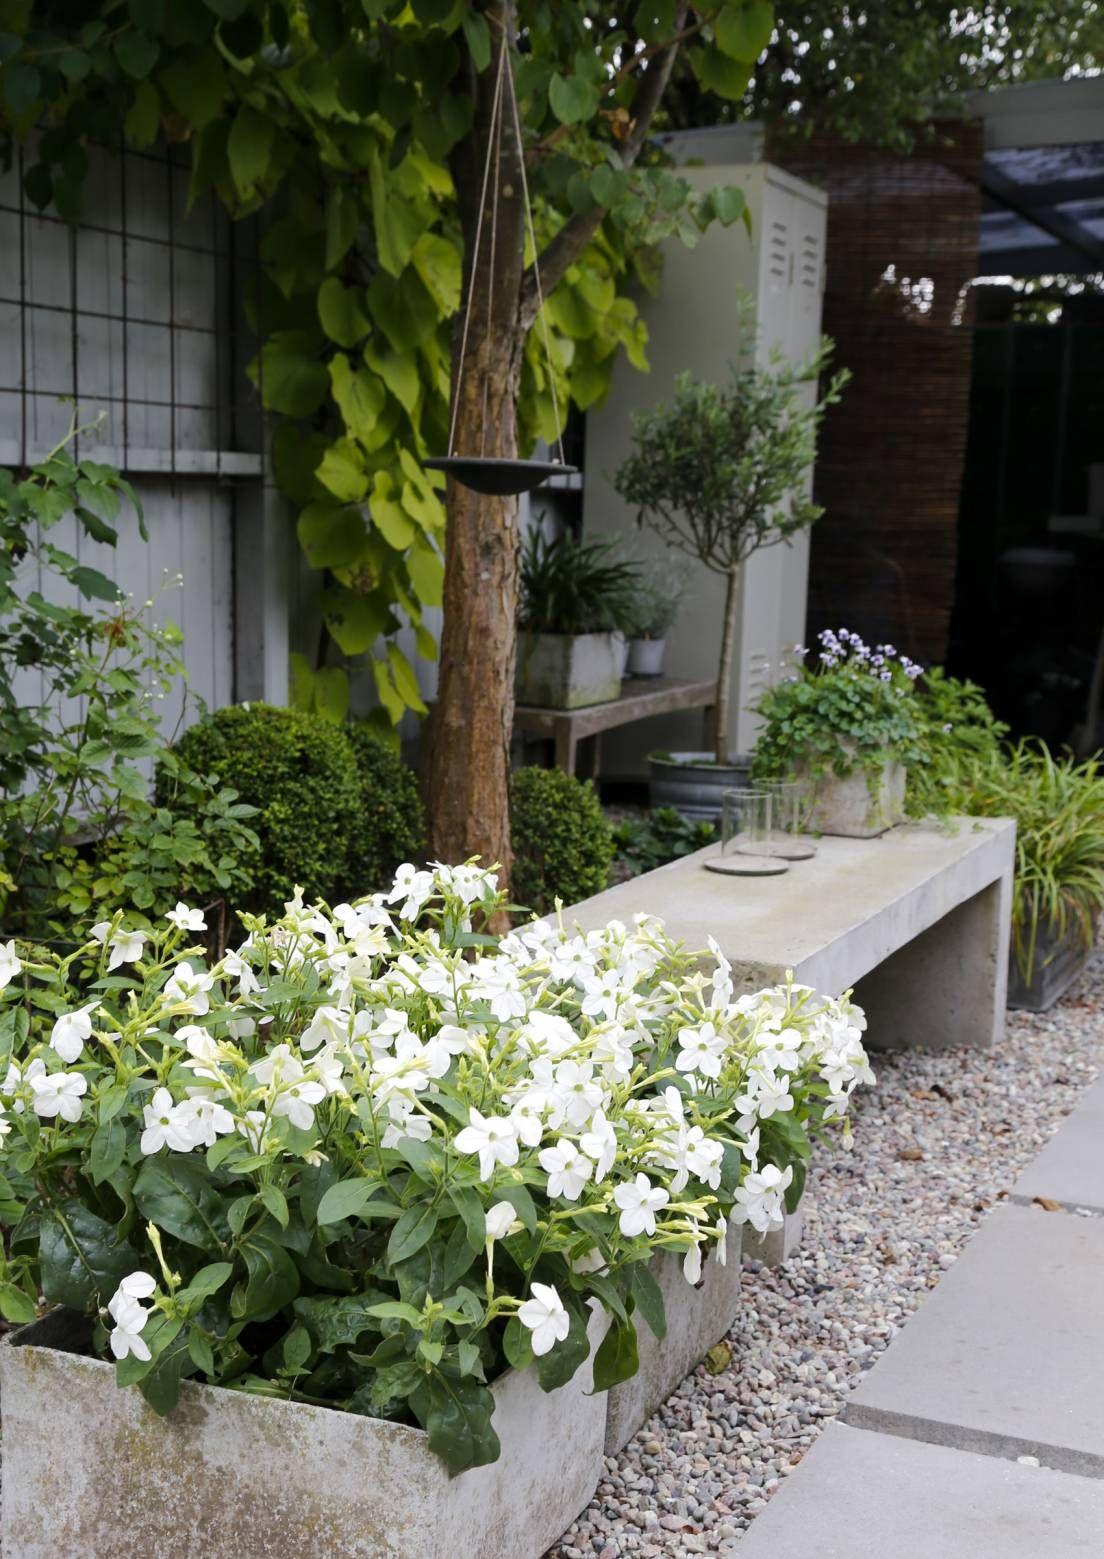 Istahda penkille! 12 luonteikasta puutarhapenkkiä | Meillä kotona